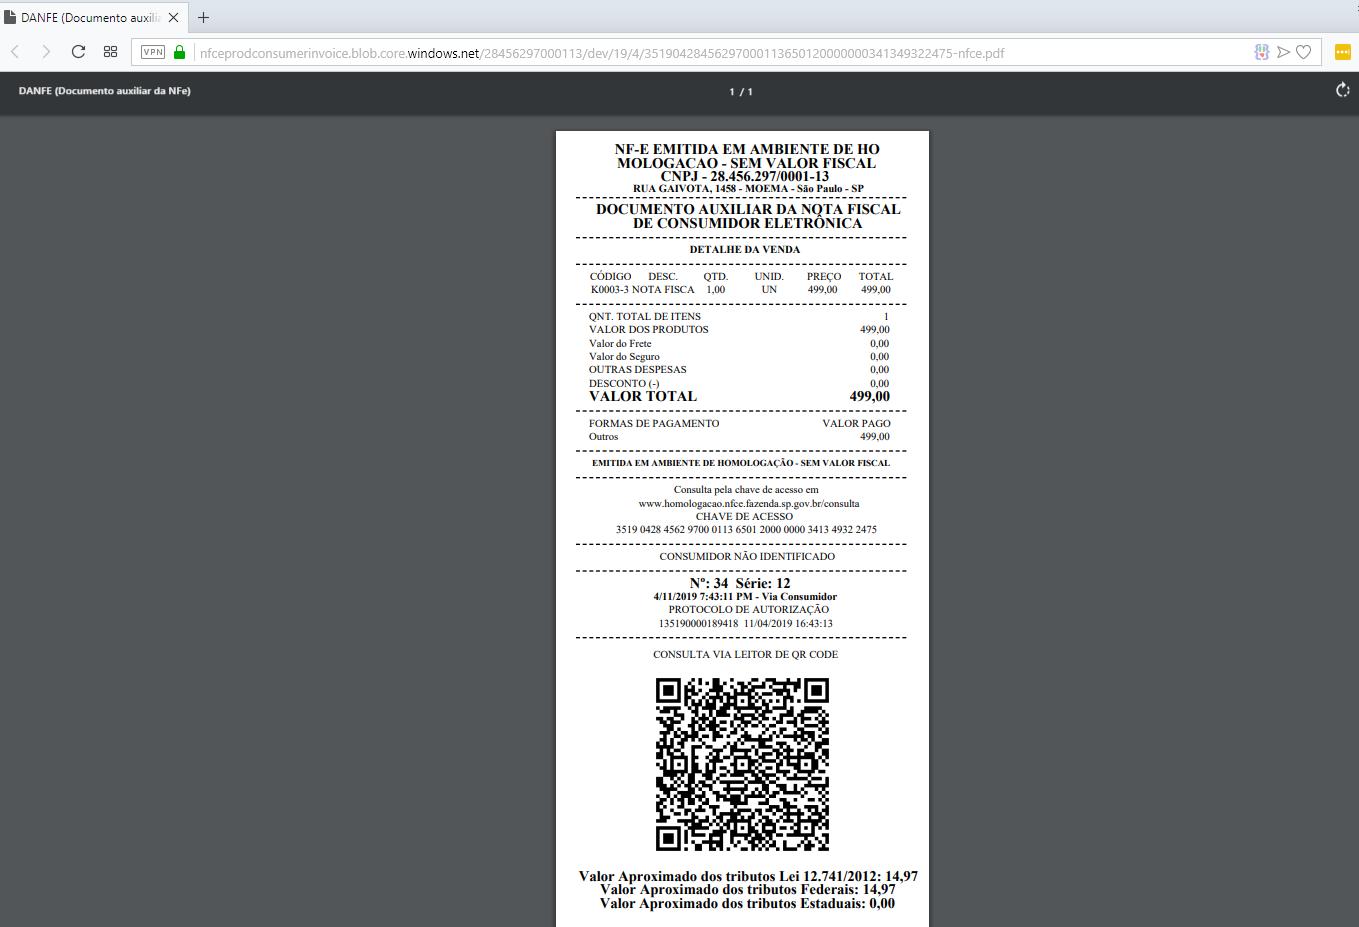 Consulta do PDF da nota fiscal